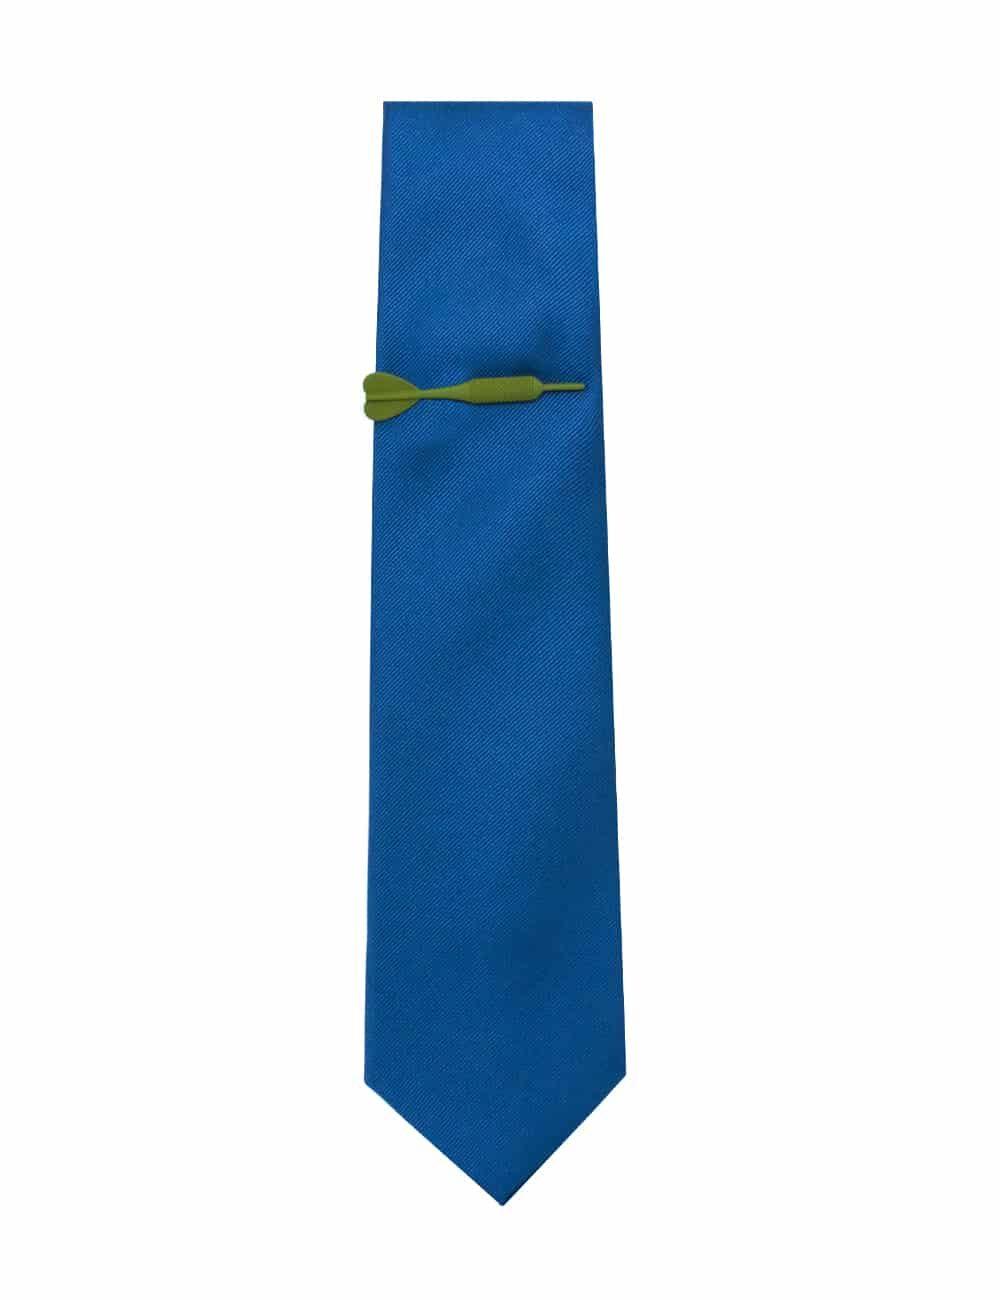 Olive Dart Tie Clip TC3501-001b